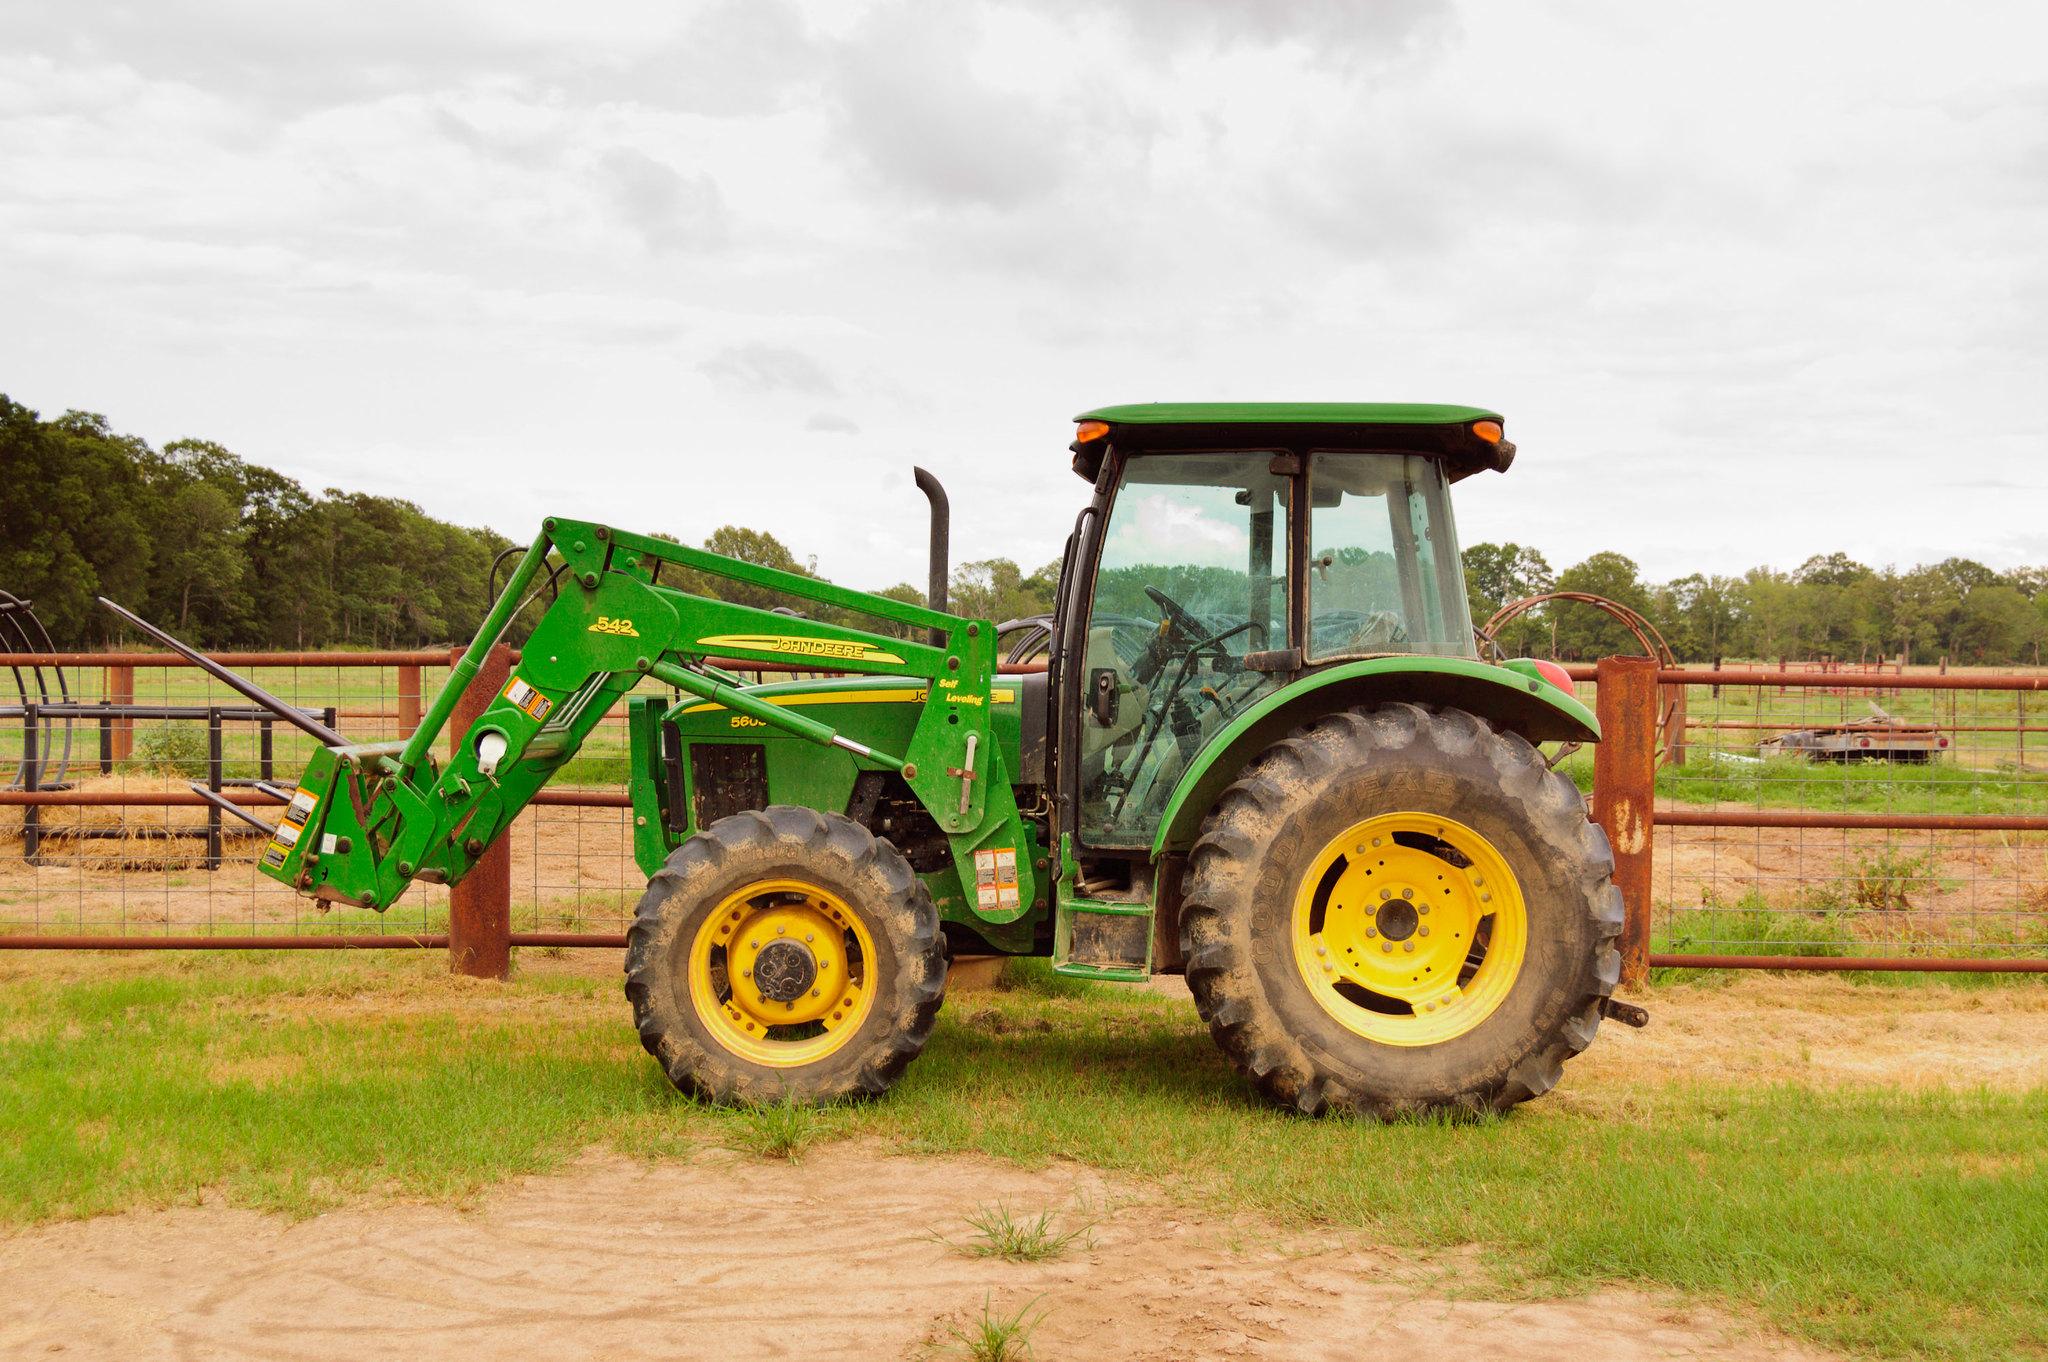 Maquinaria agrícola: 5 consejos clave para comprar un tractor usado